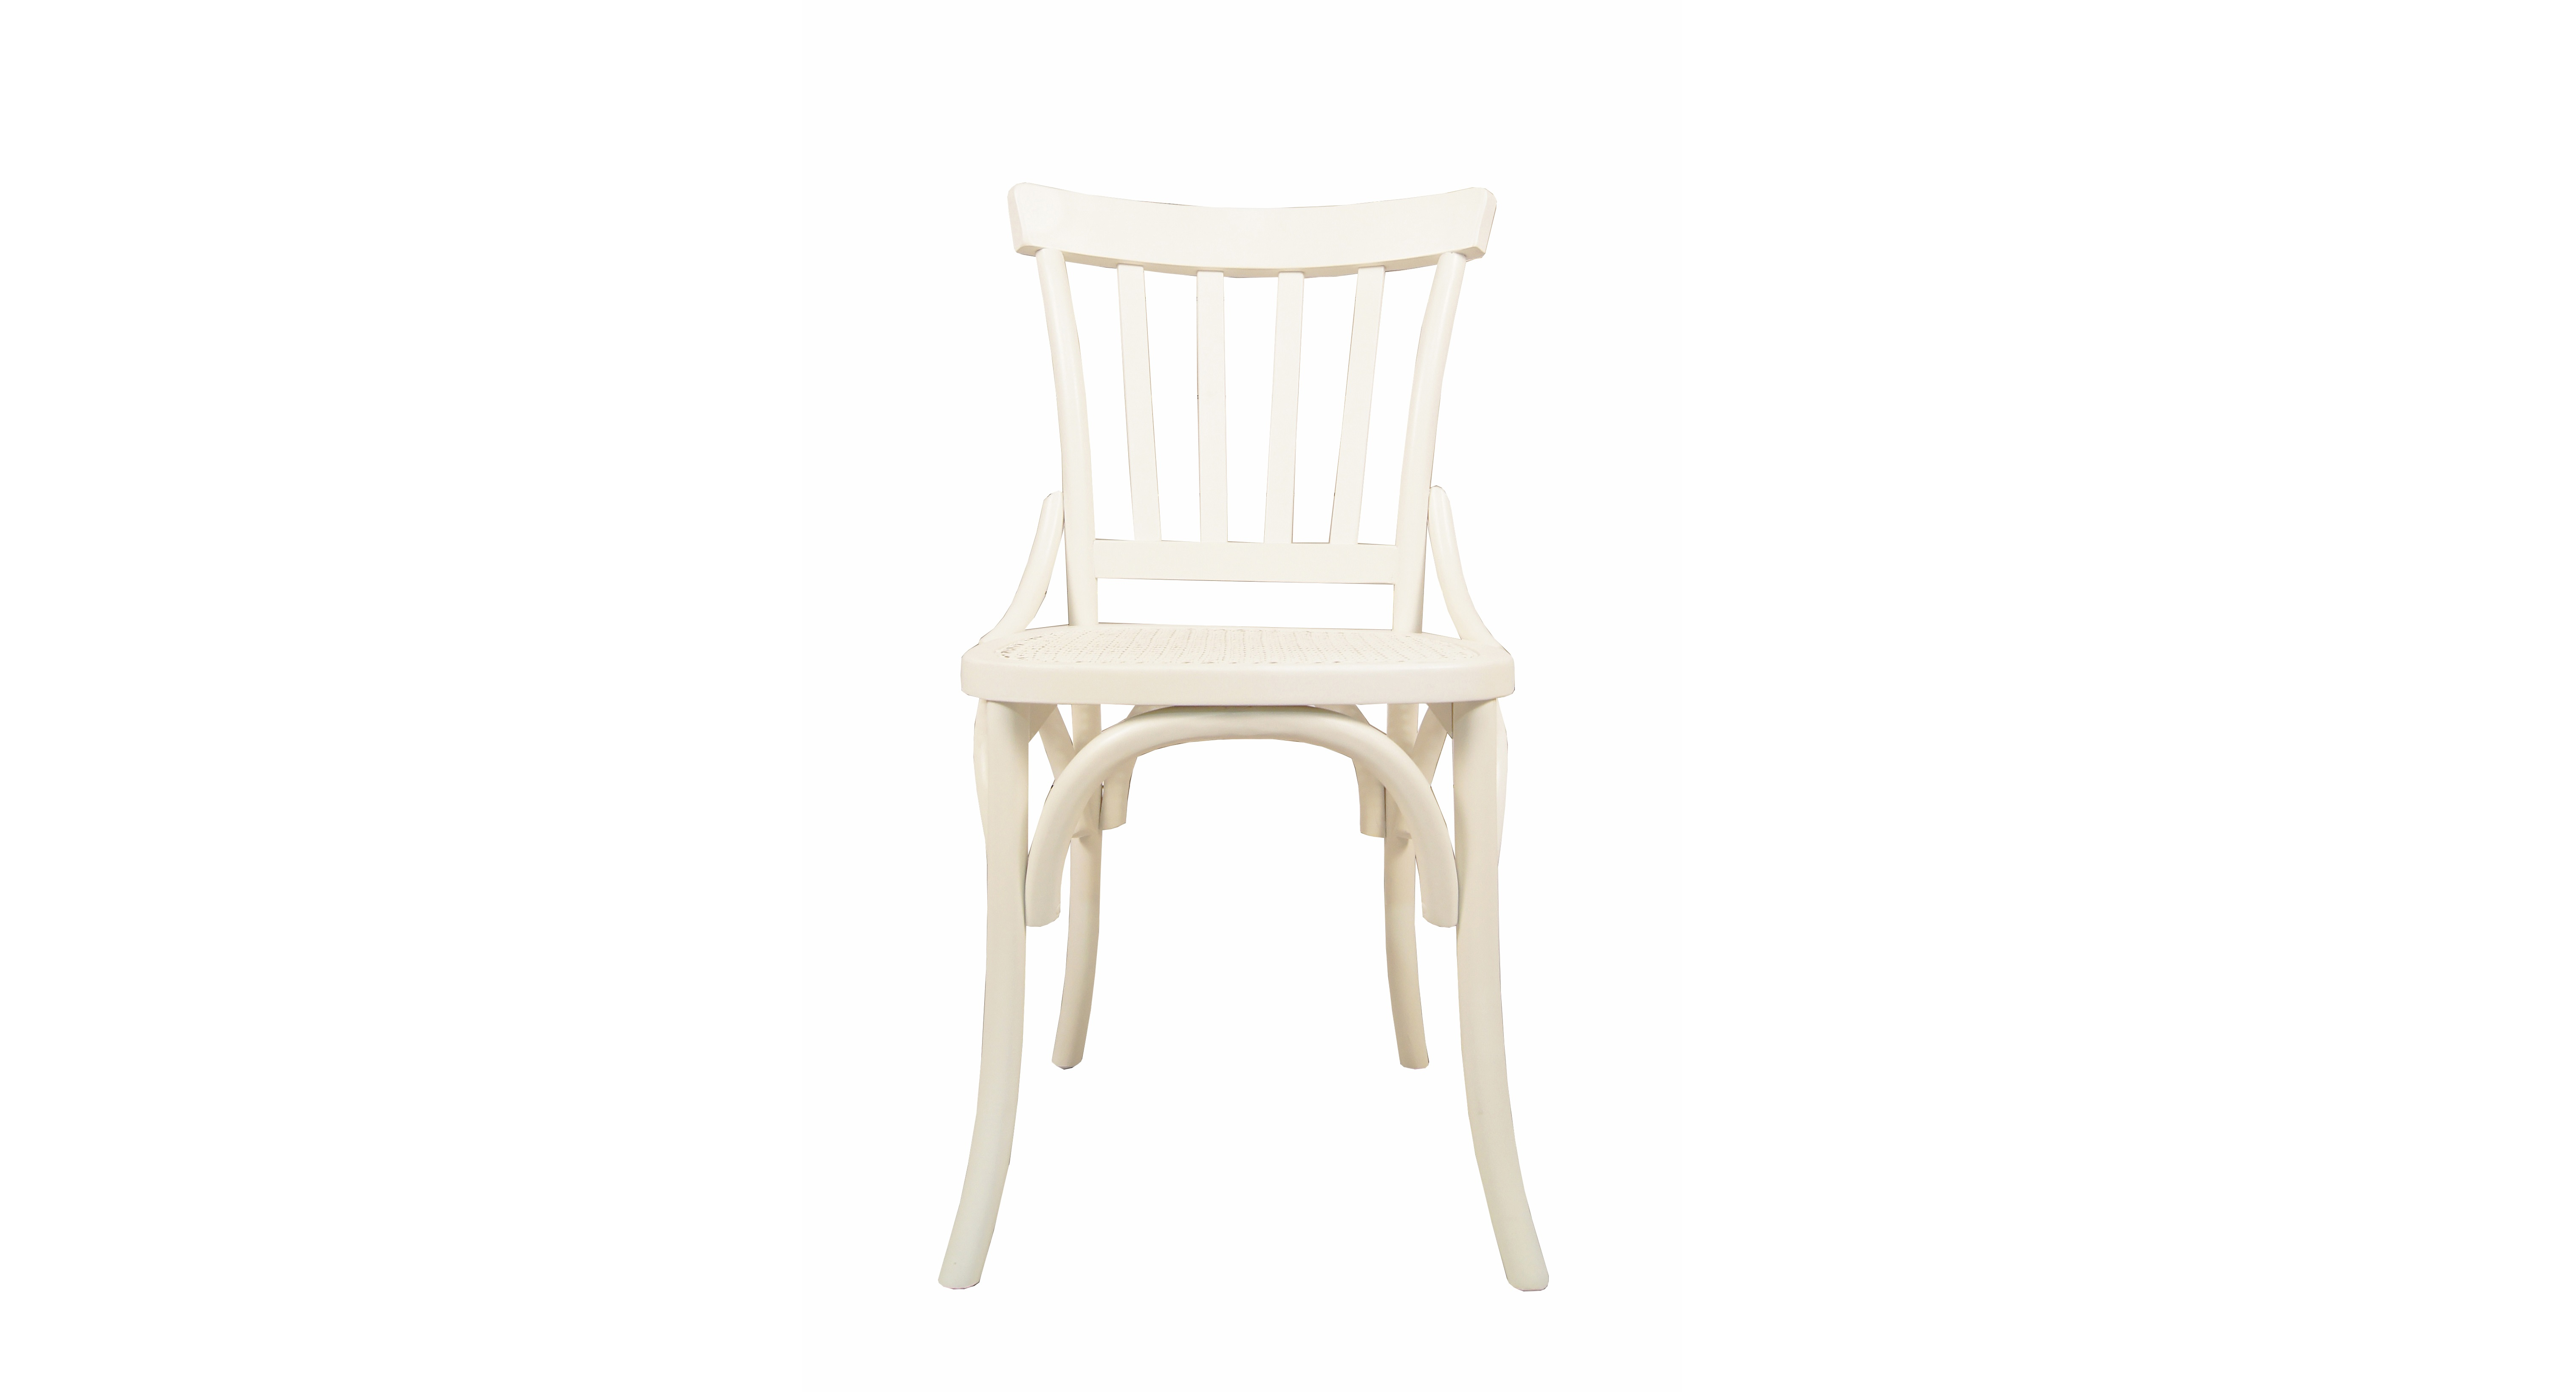 СтулОбеденные стулья<br>Классический вариант обеденного стула для столовой в стиле Прованс. Скромный и нежный образ &amp;amp;nbsp;этого предмета как нельзя лучше подчеркнет колорит французского кантри. В модели нет ничего лишнего. Здесь буквально все говорит о легкости: белоснежный цвет, слегка изогнутые линии. Завершающий штрих – ажурная отделка сиденья стула – добавит в пространство романтики и уюта.<br><br>Material: Береза<br>Width см: 50<br>Depth см: 54<br>Height см: 88